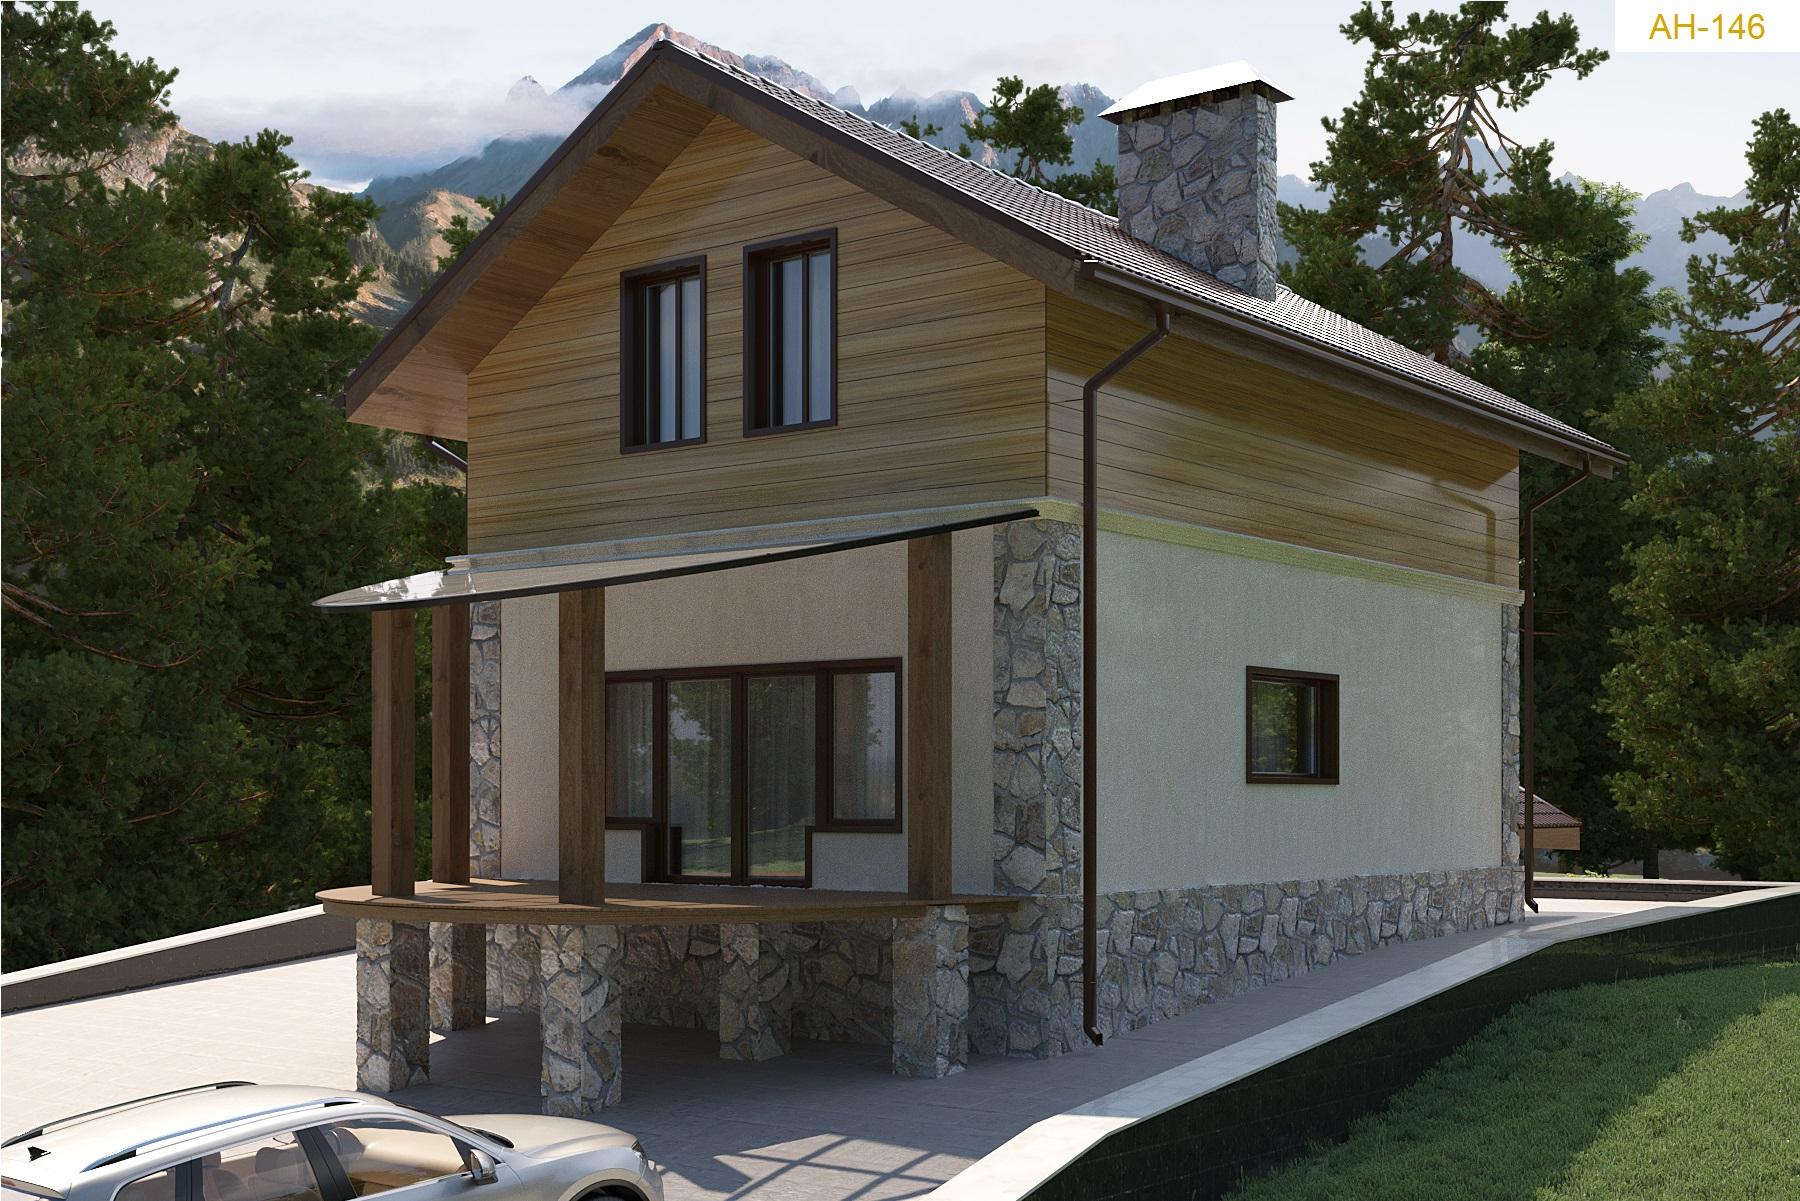 Готовый проект дома 97 кв.м // Артикул АН-146 фасад